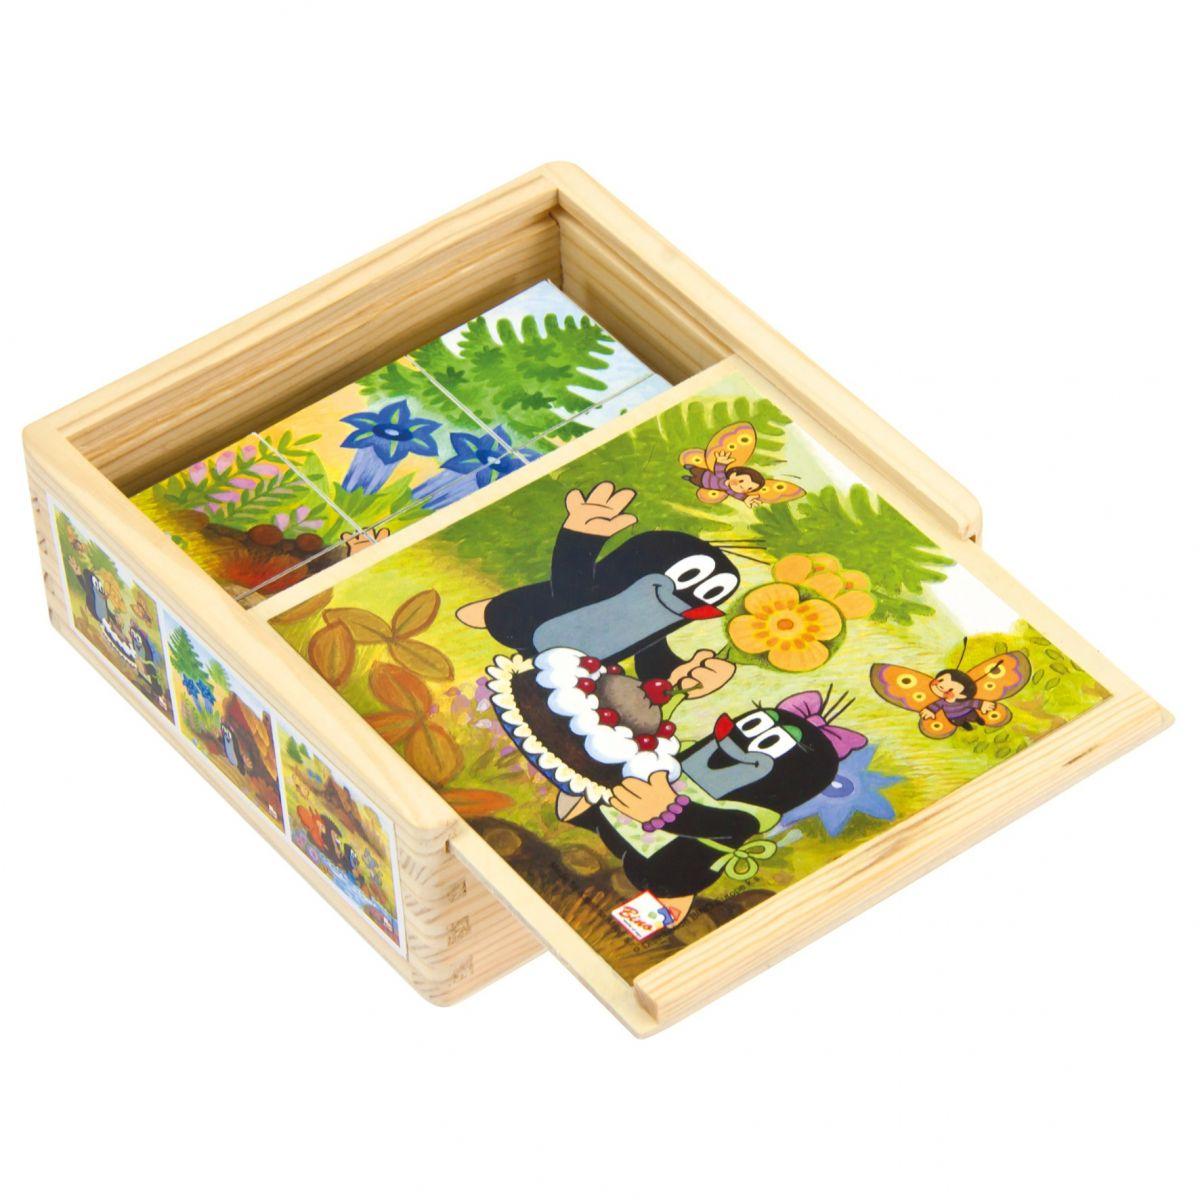 Bino kocky Pani Krtková v krabičke 9 kusov - Poškodedný obal